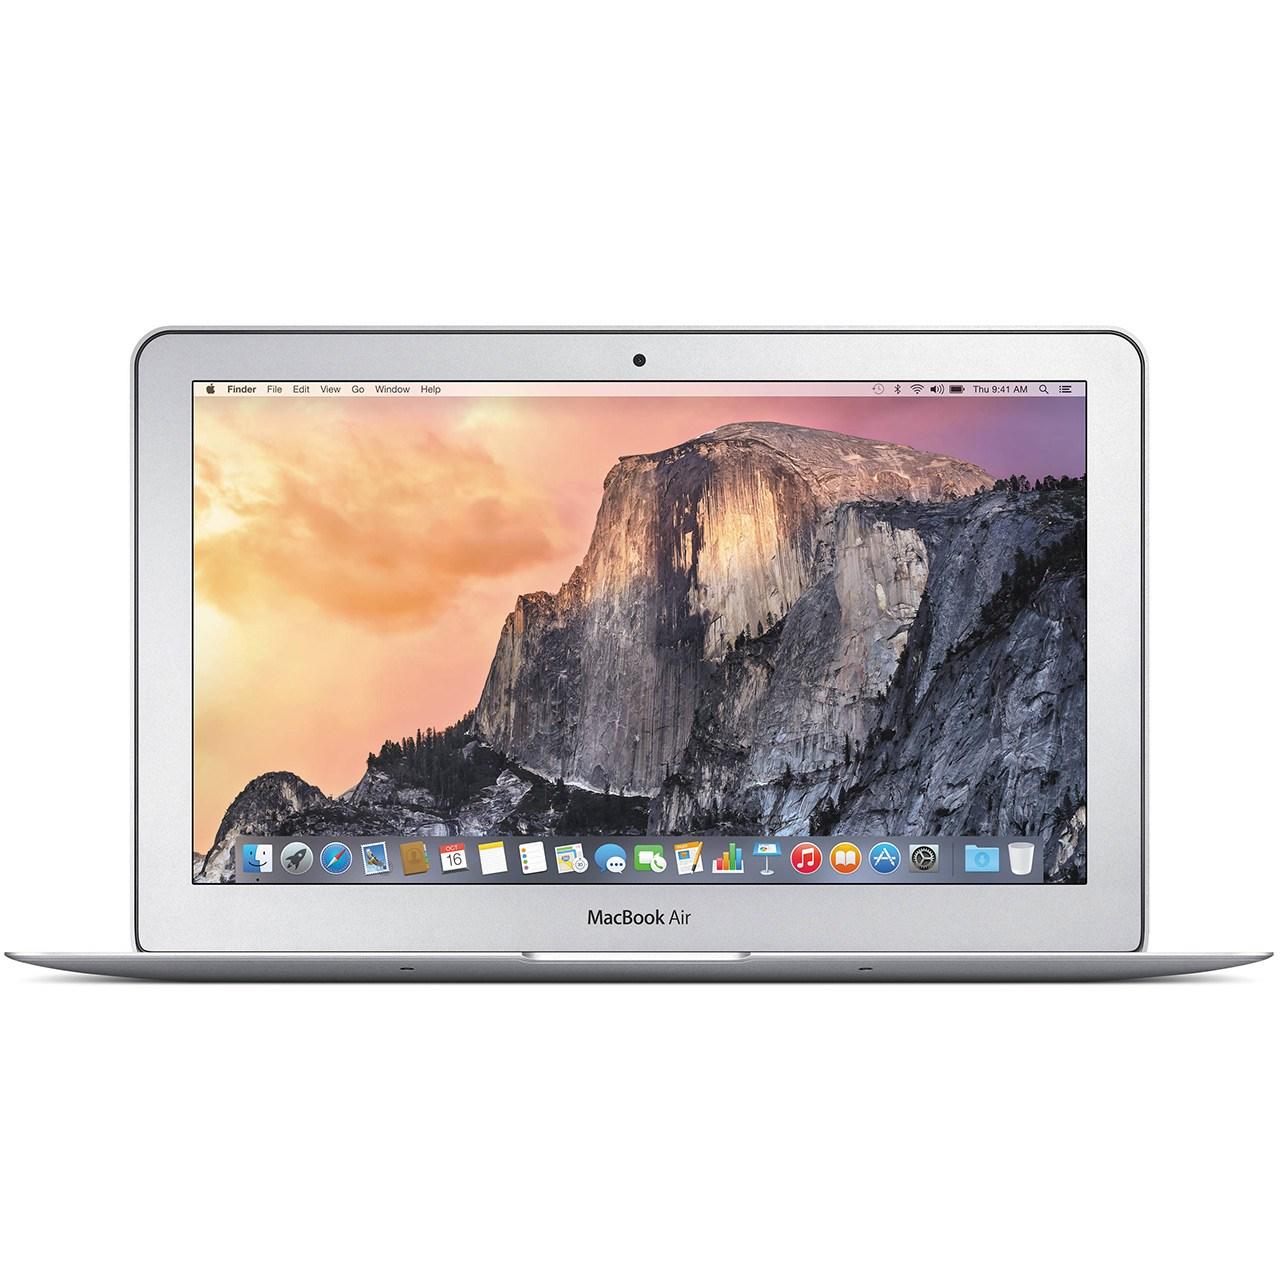 لپ تاپ 11 اينچي اپل مدل MacBook Air MJVM2 2015